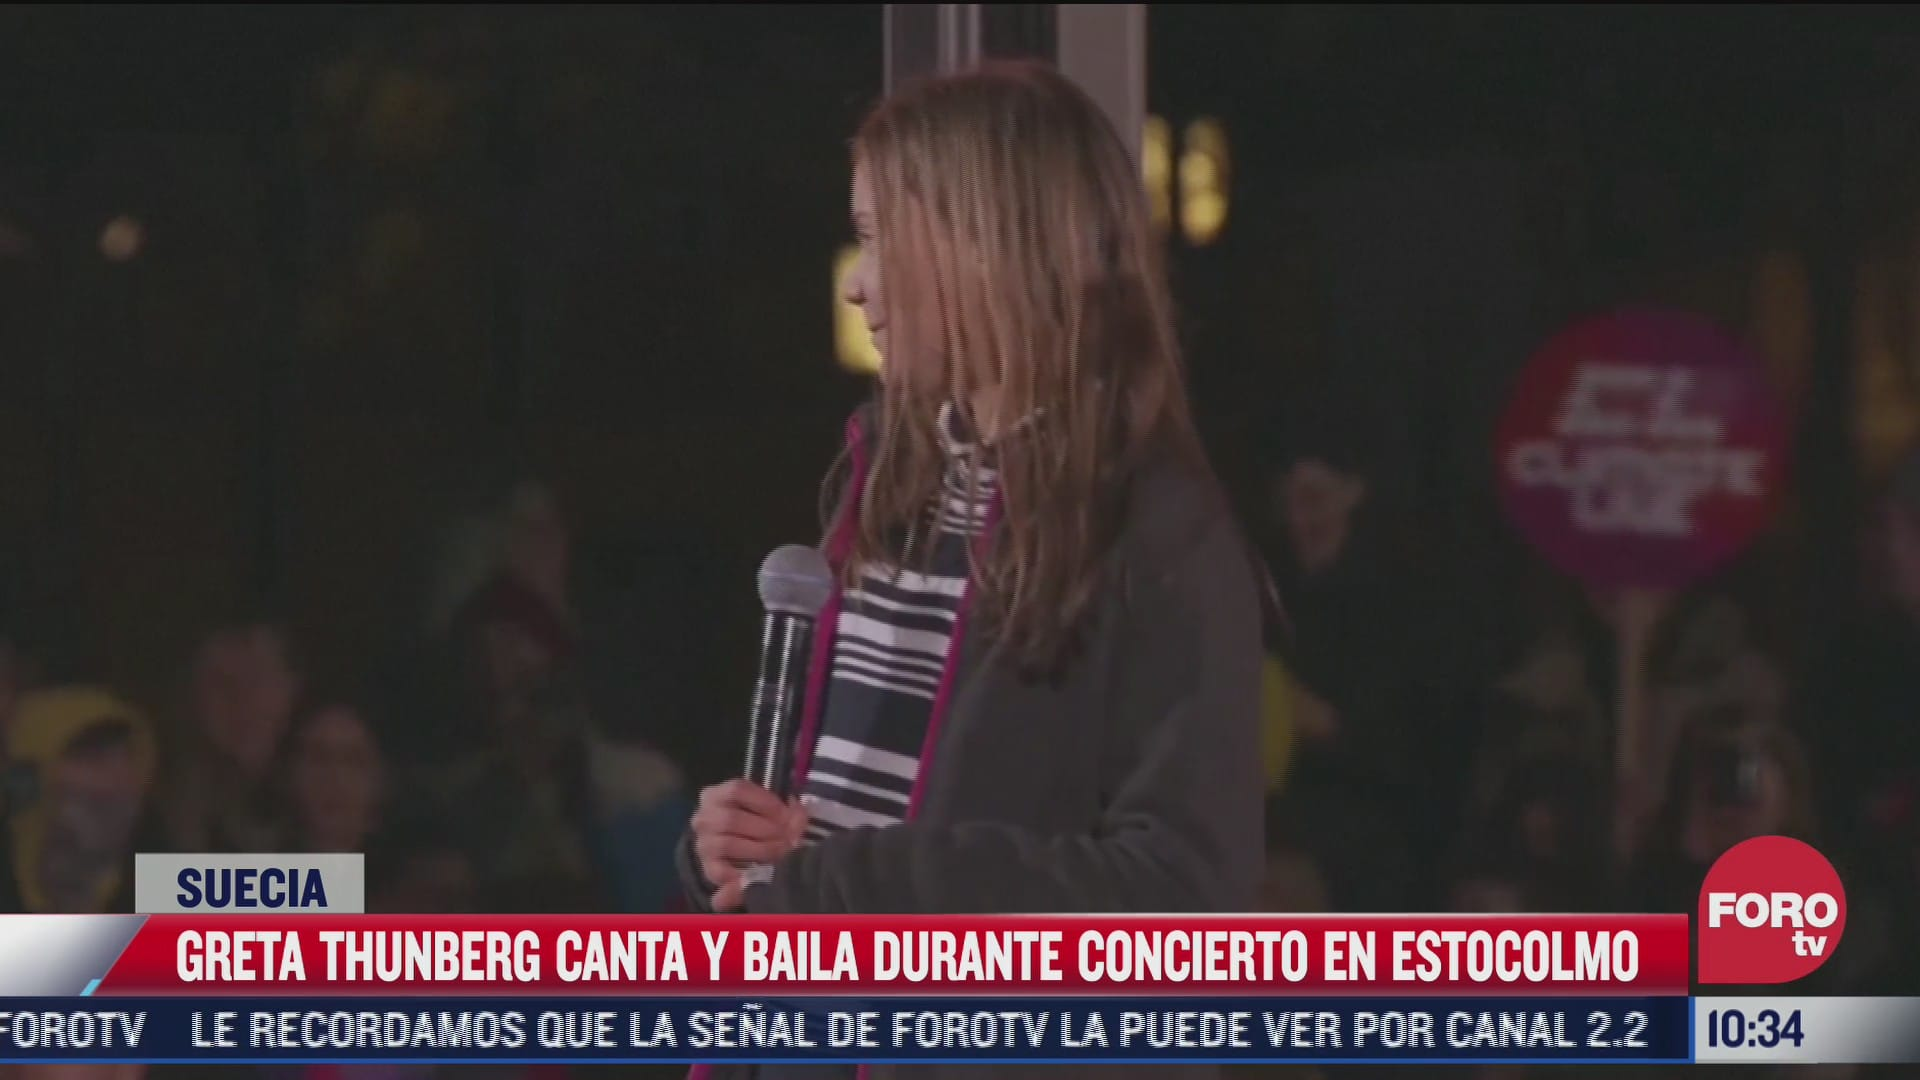 greta thunberg canta y baila durante concierto en estocolmo